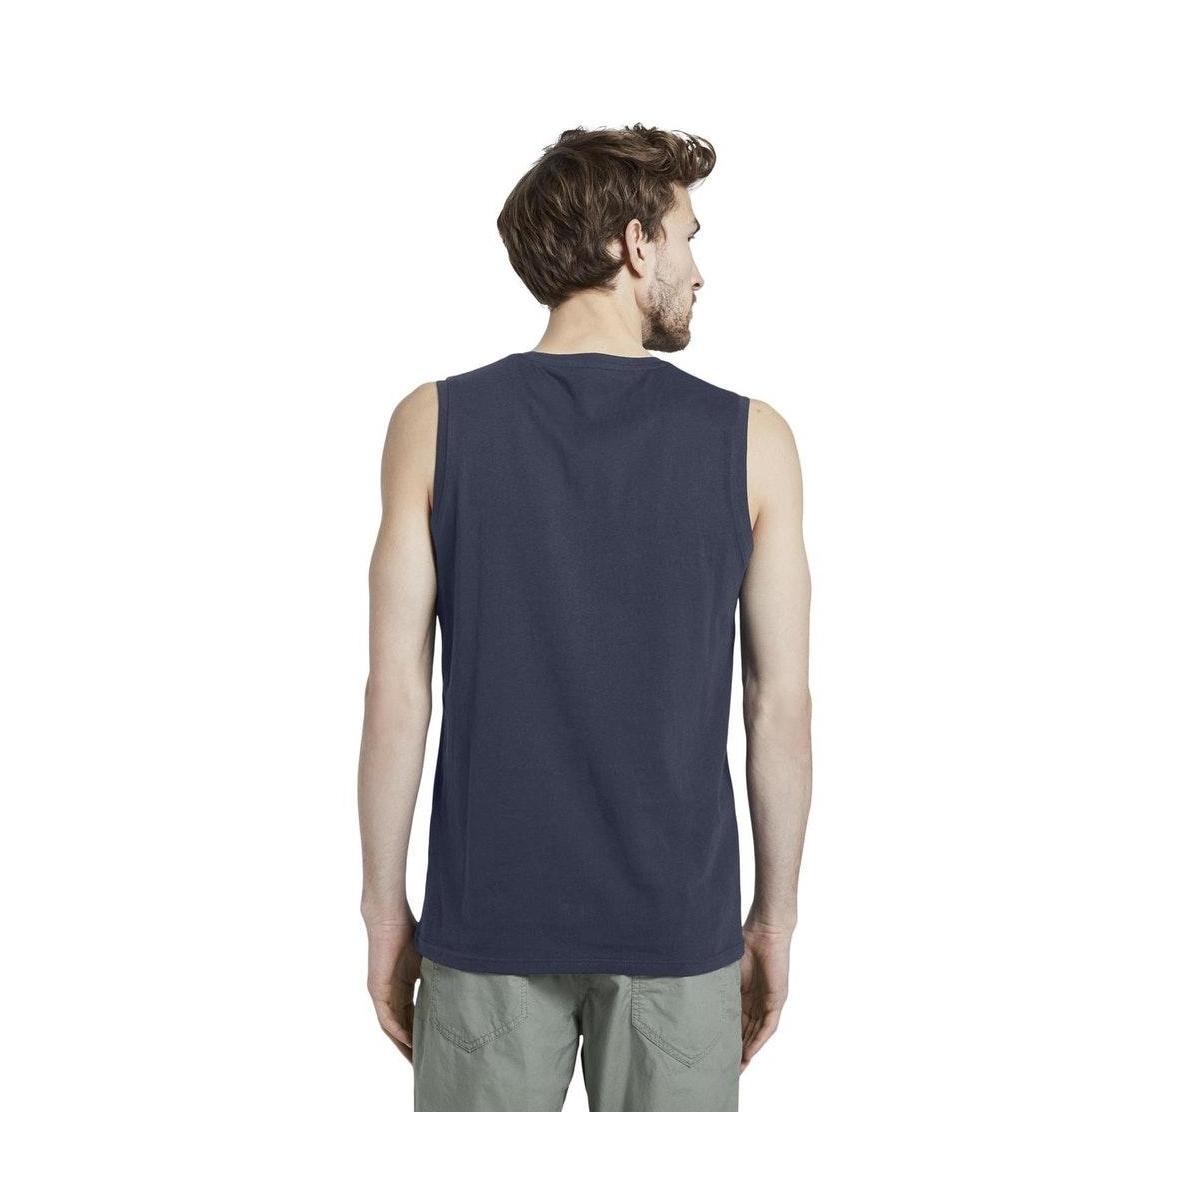 bedrukte top 1018887xx10 tom tailor t-shirt 10334